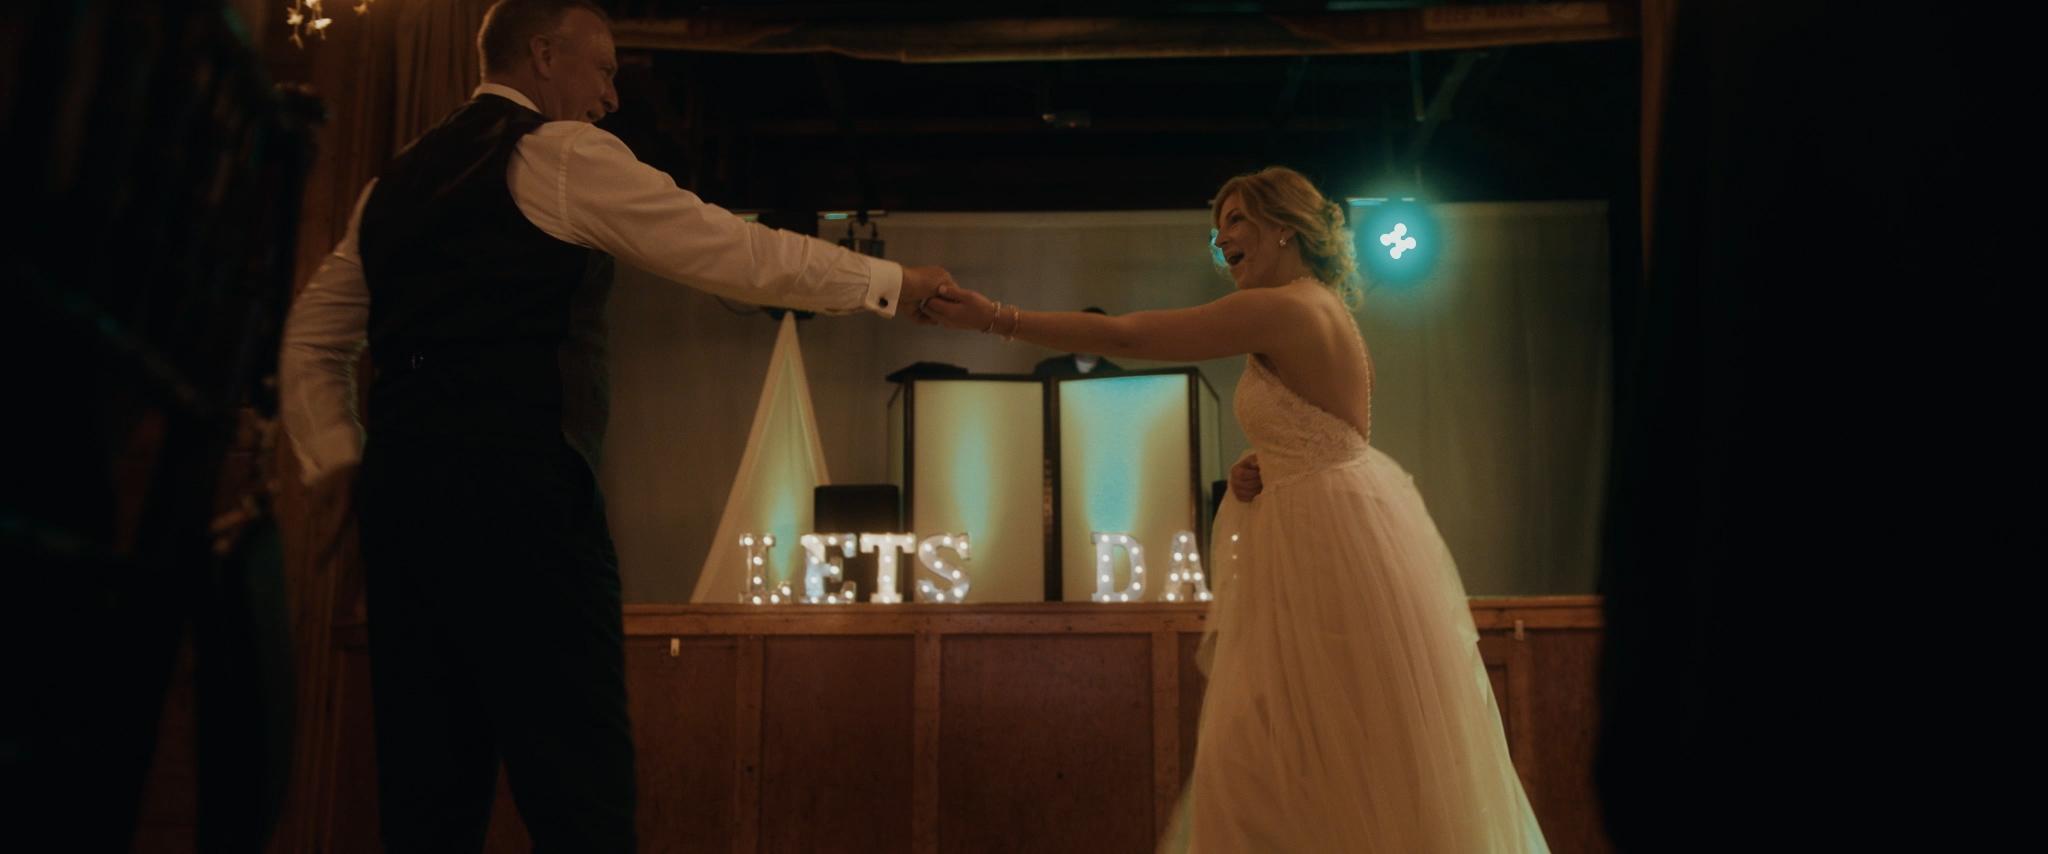 HAVENS_Wedding_Film.00_06_37_08.Still074.jpg